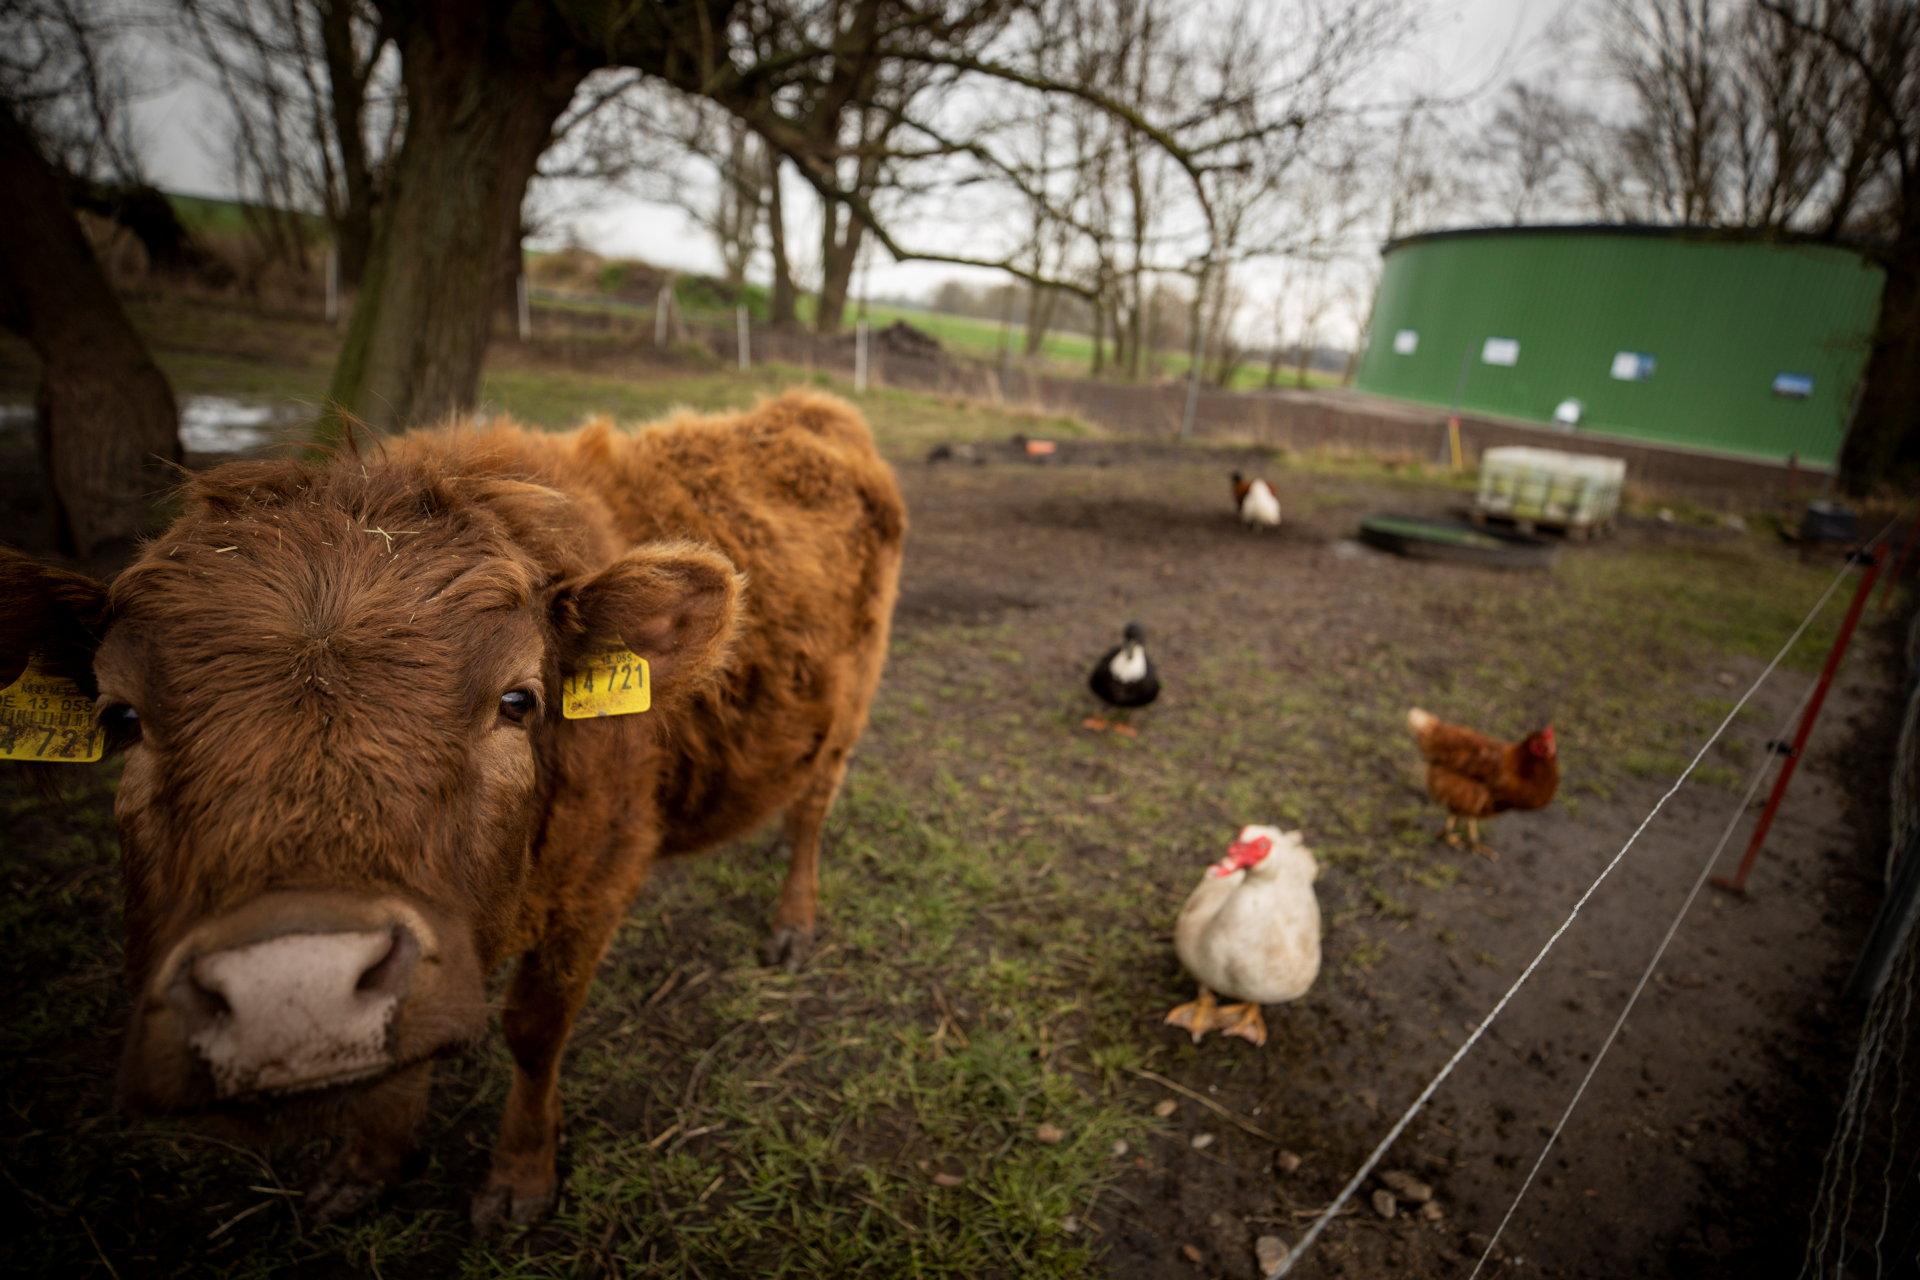 Ein Kalb und Hühner stehen in einem Gehege, im Hintergrund ist ein grüner Silo zu sehen.